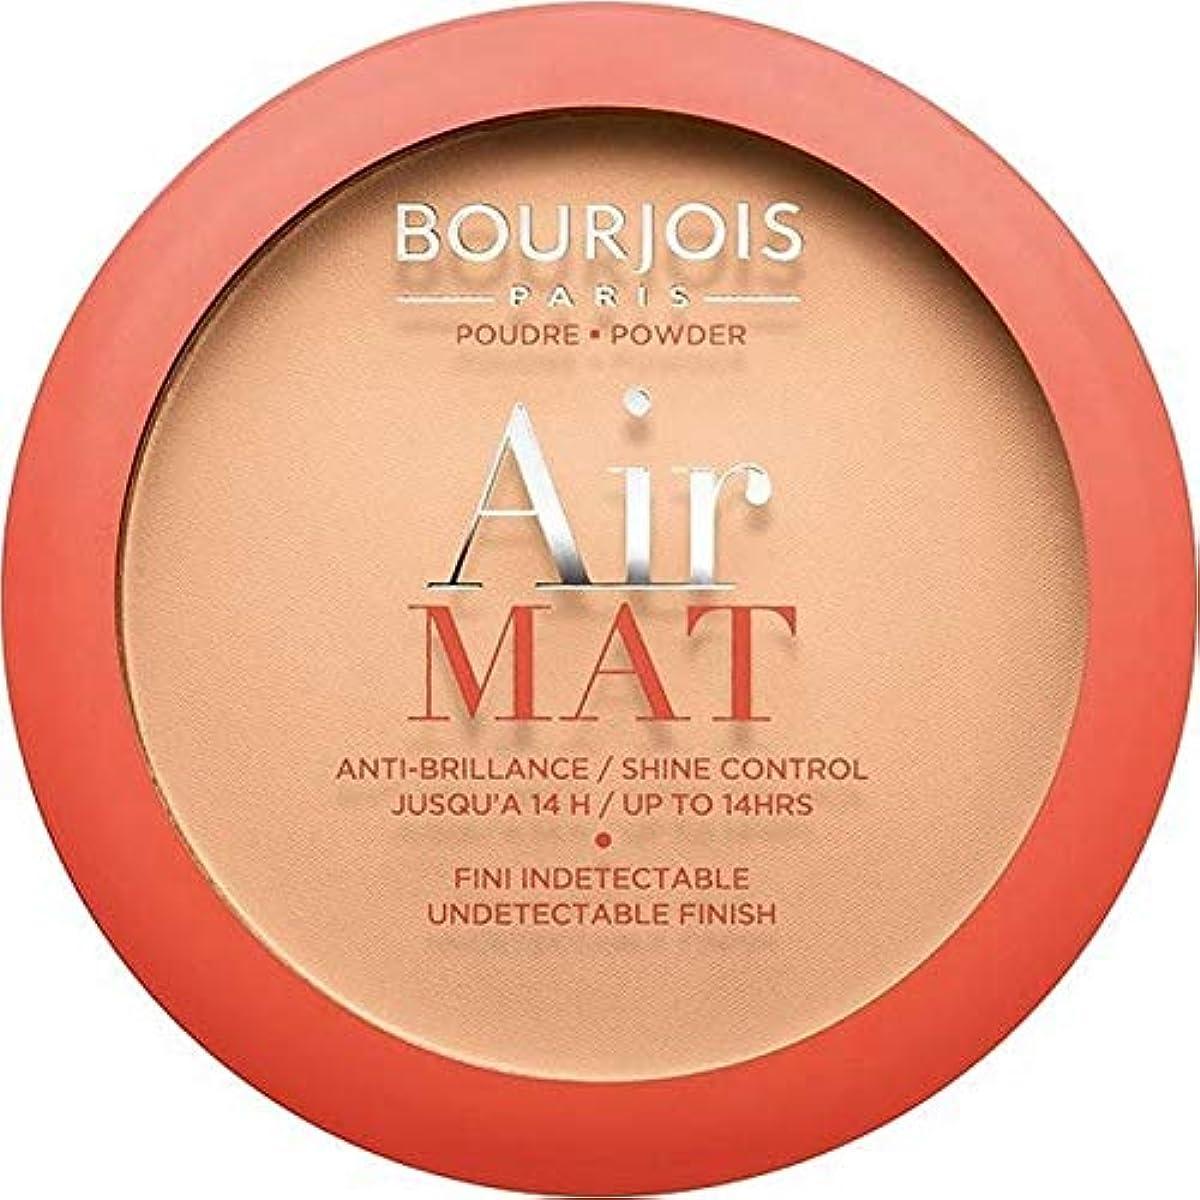 プレフィックス喜んで焦げ[Bourjois ] ブルジョワエアーマットは、粉末を押す - アプリコットベージュ - Bourjois Air Mat Pressed Powder - Apricot Beige [並行輸入品]